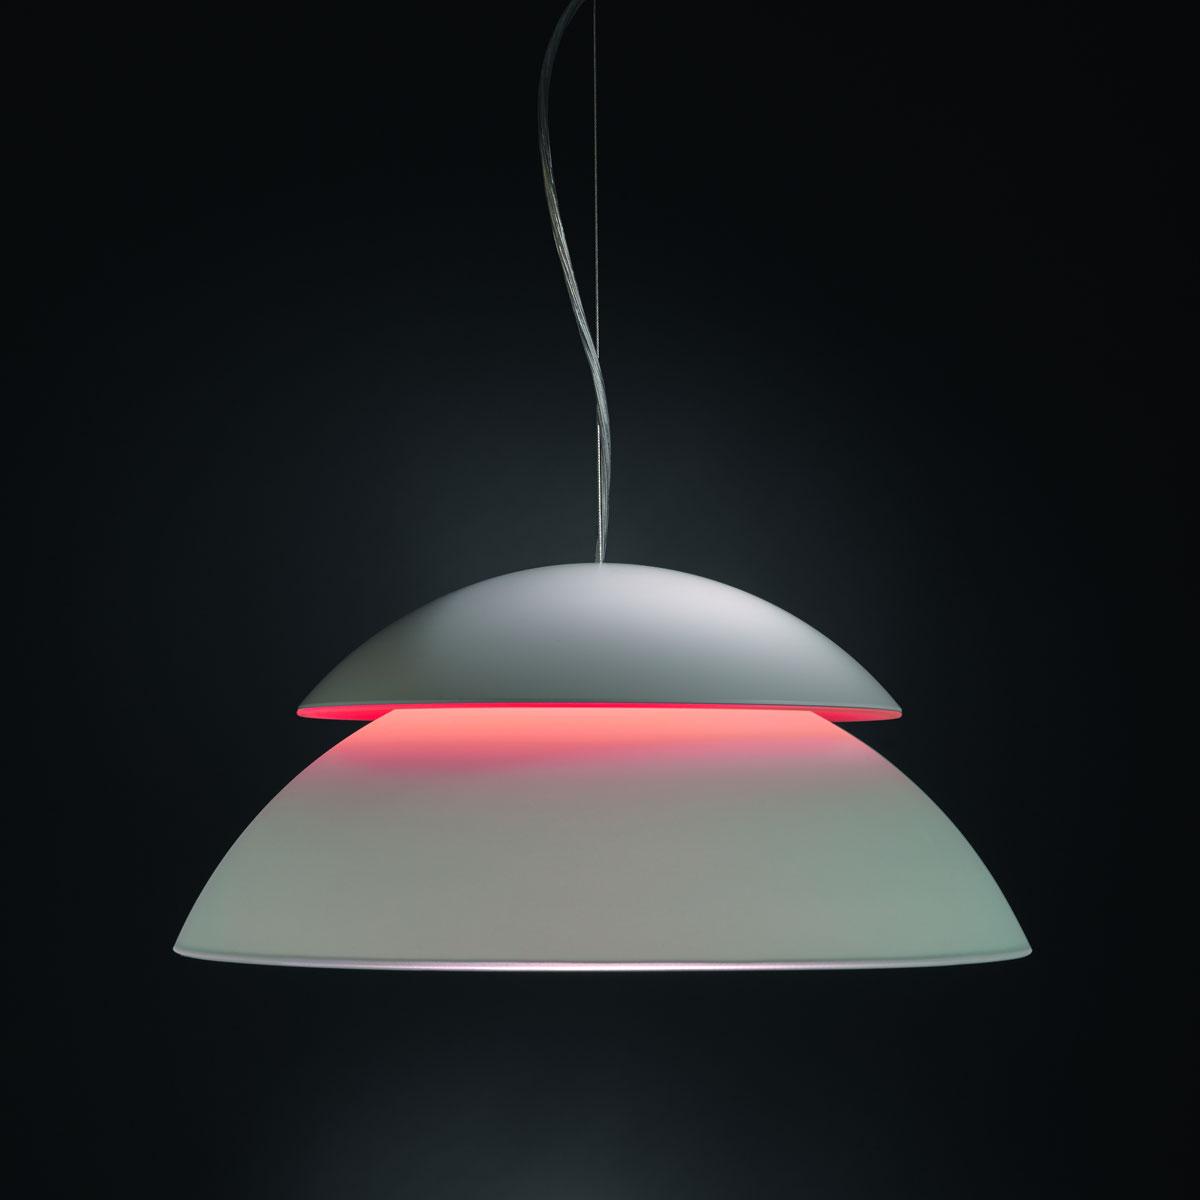 philips hue beyond hanglamp wit. Black Bedroom Furniture Sets. Home Design Ideas